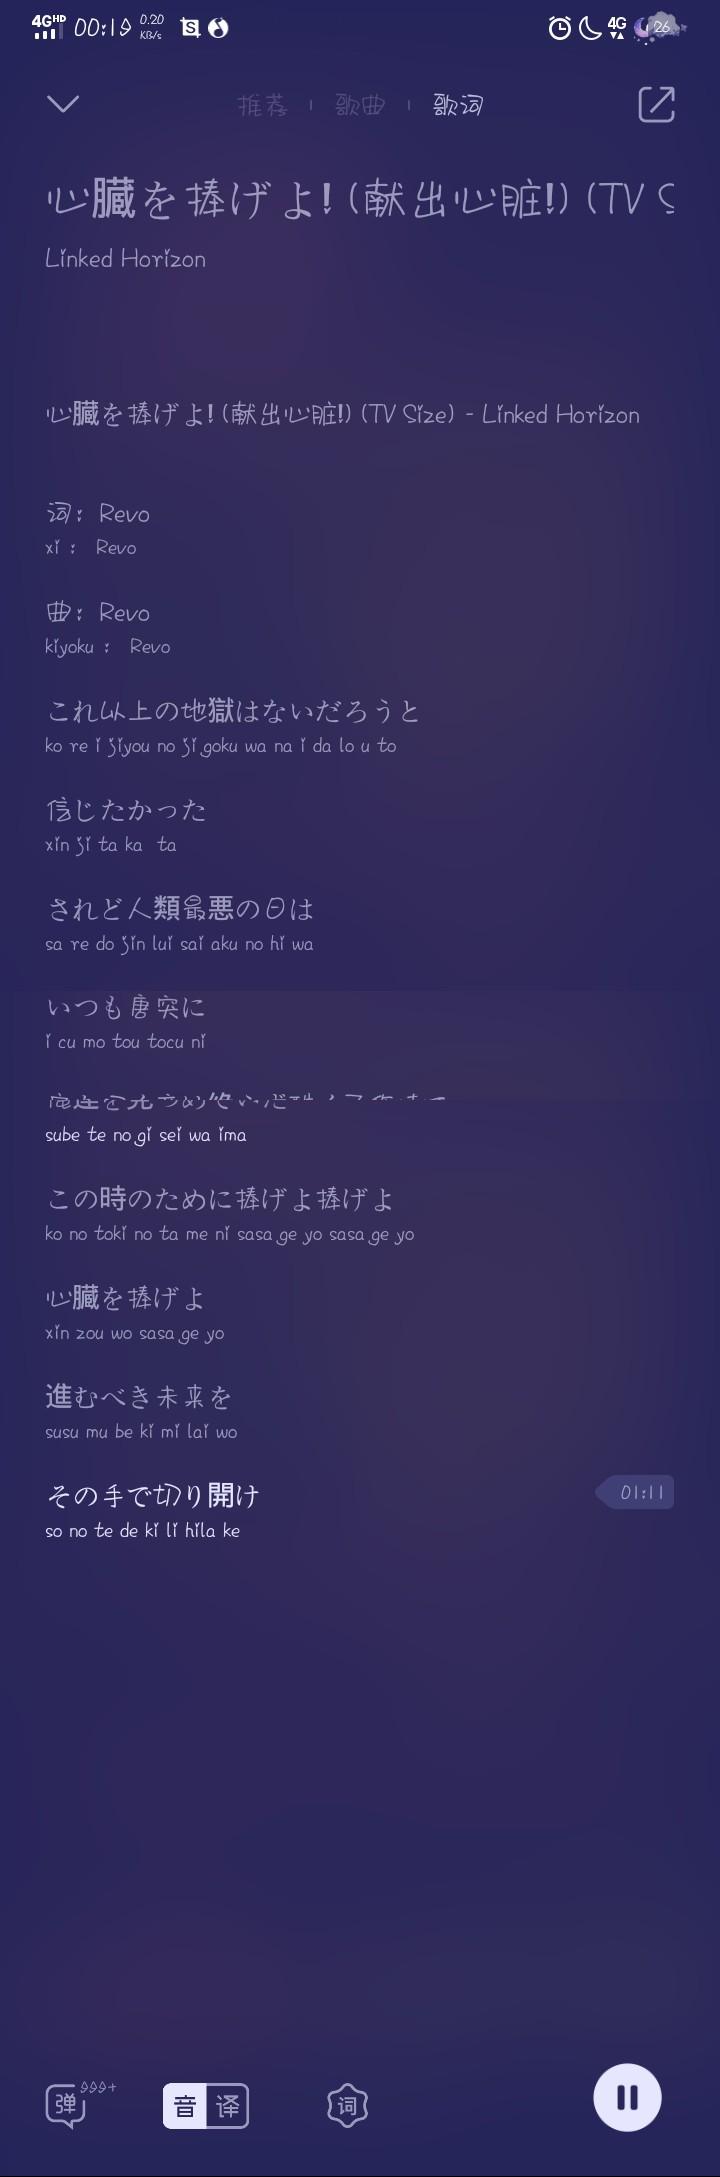 【音乐】心臓を捧げよ! (献出心脏!) (TV Size)